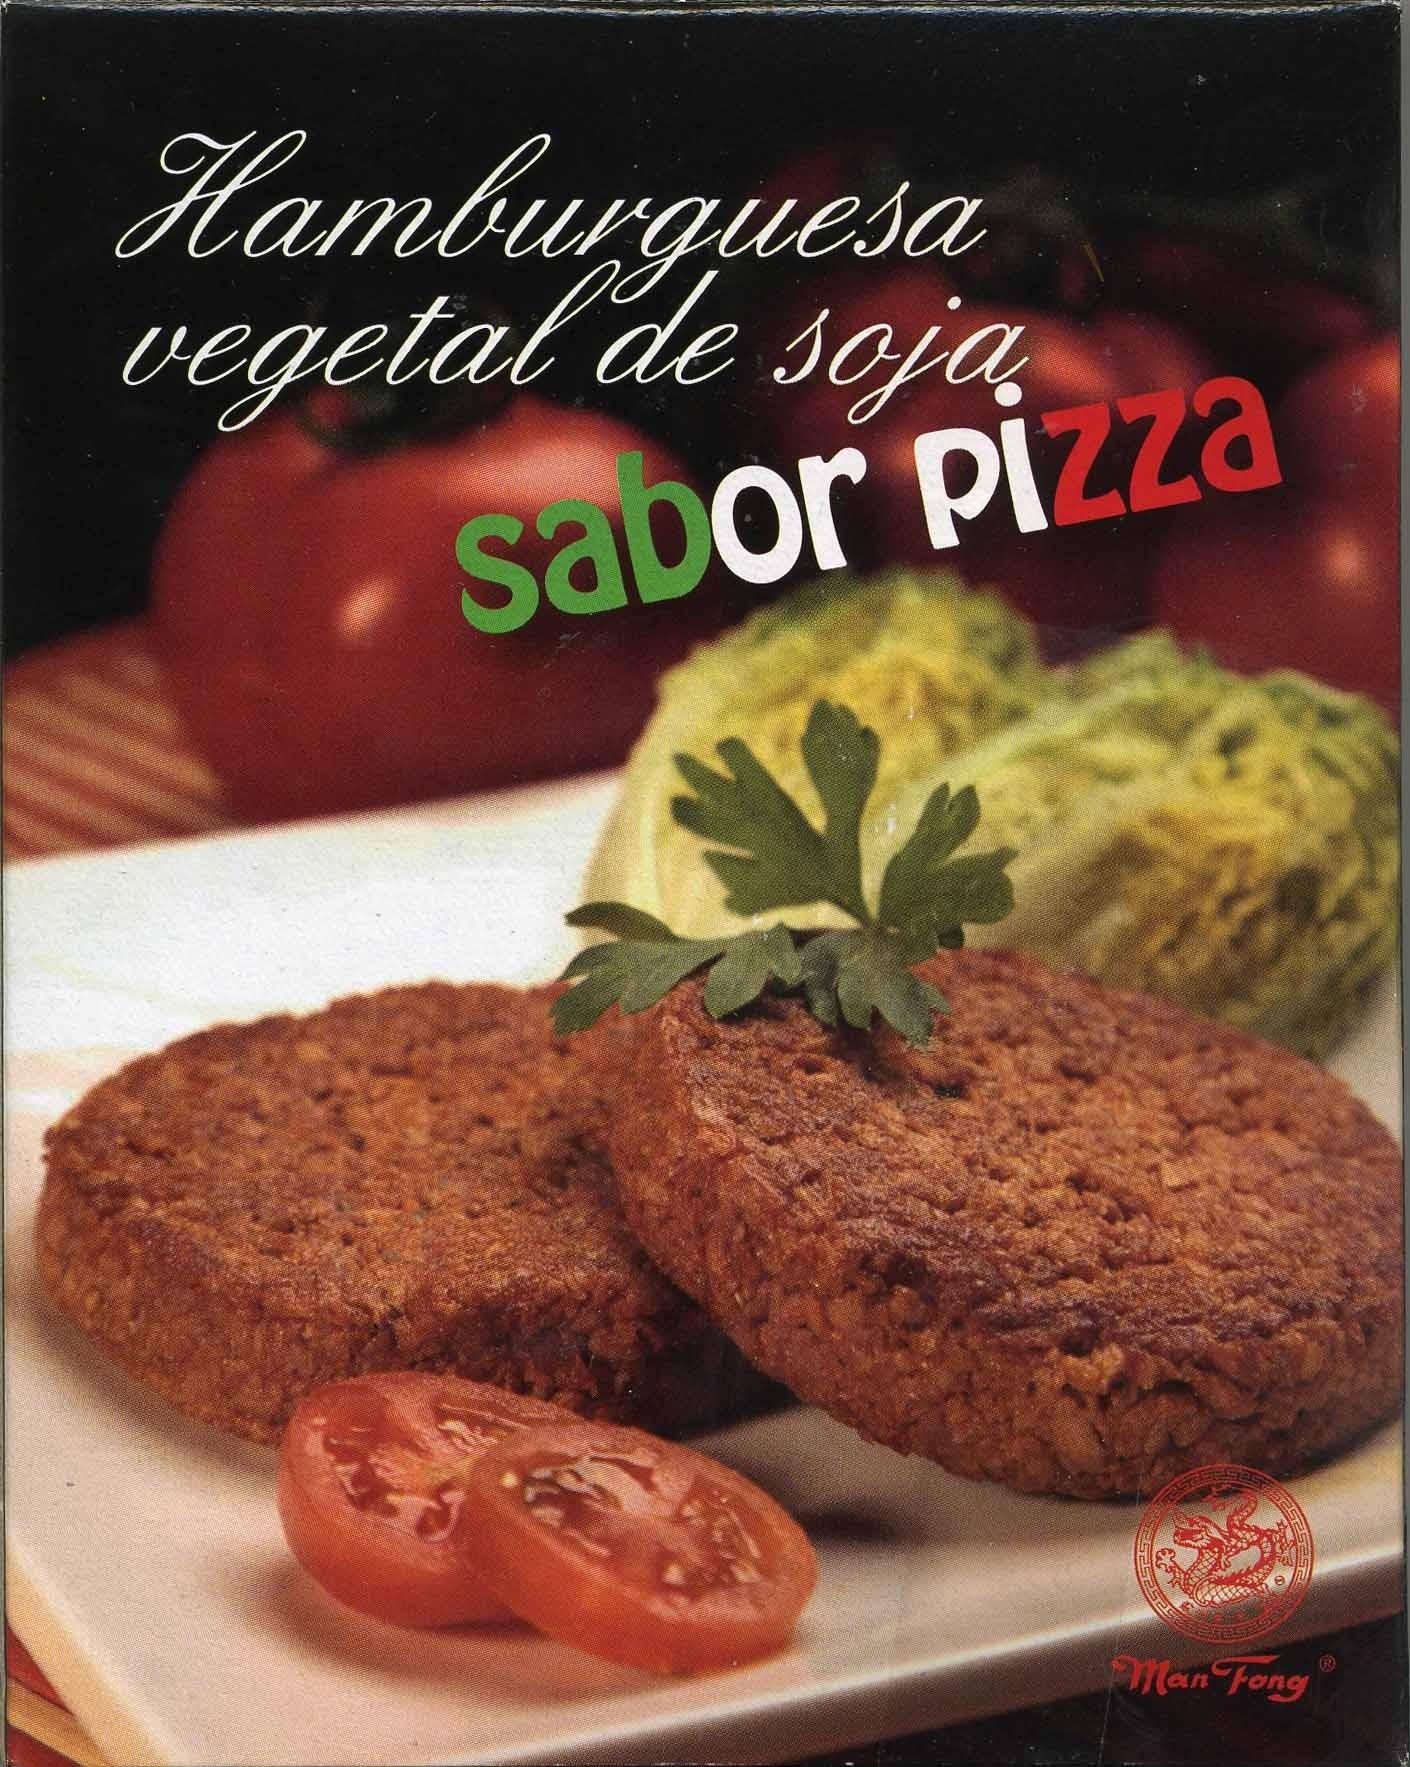 Hamburguesa de soja sabor pizza - Product